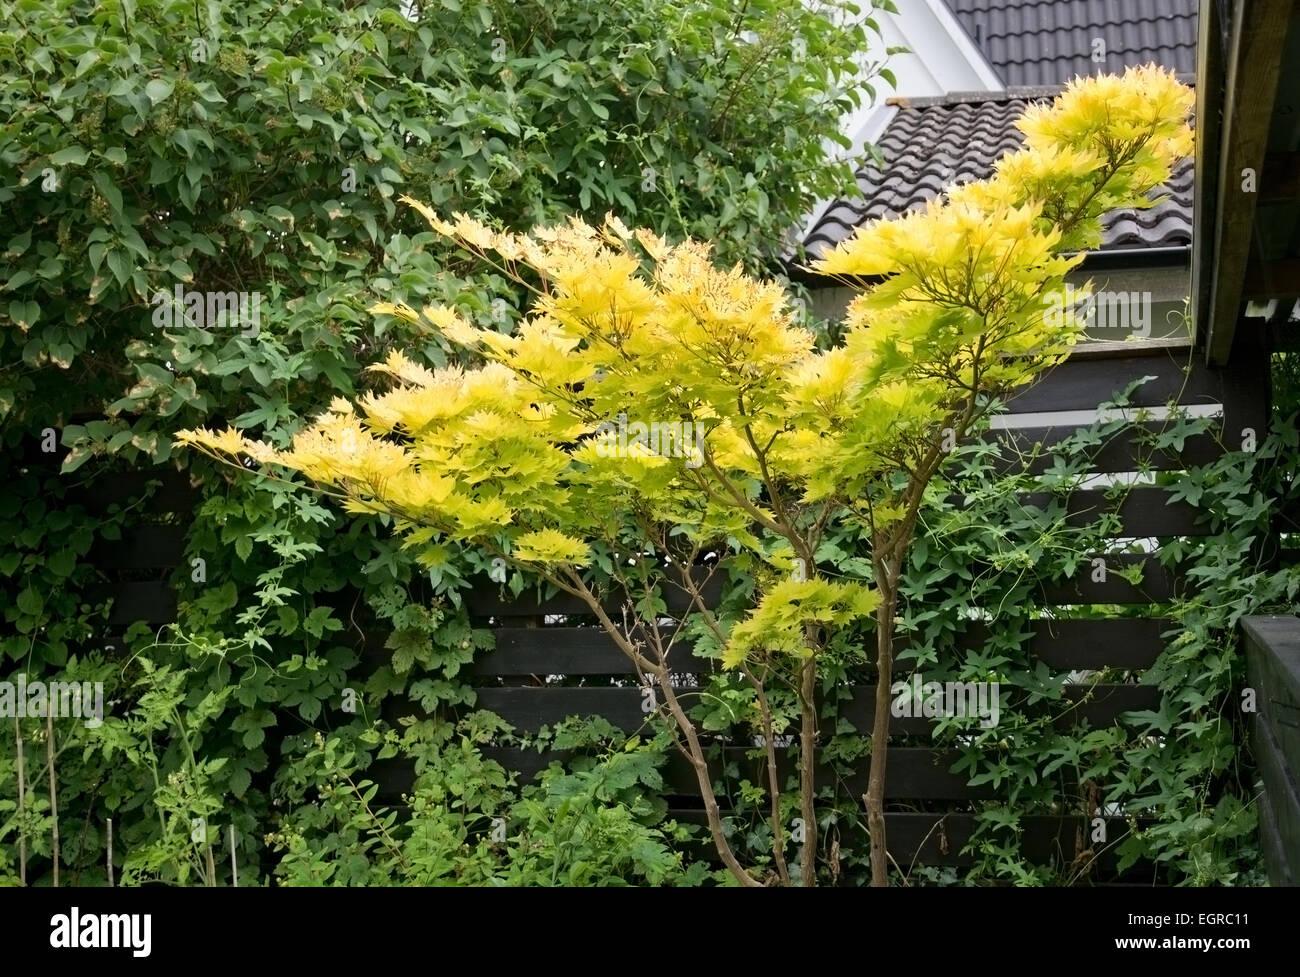 Acero Giapponese Verde acer palmatum 'dissectum garnet', acero giapponese. giardino